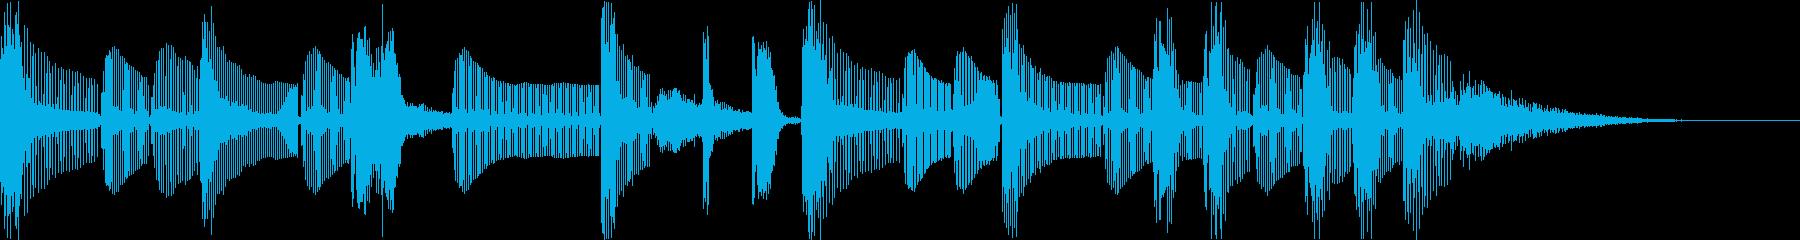 怪しい不気味コミカルなヒップホップfの再生済みの波形